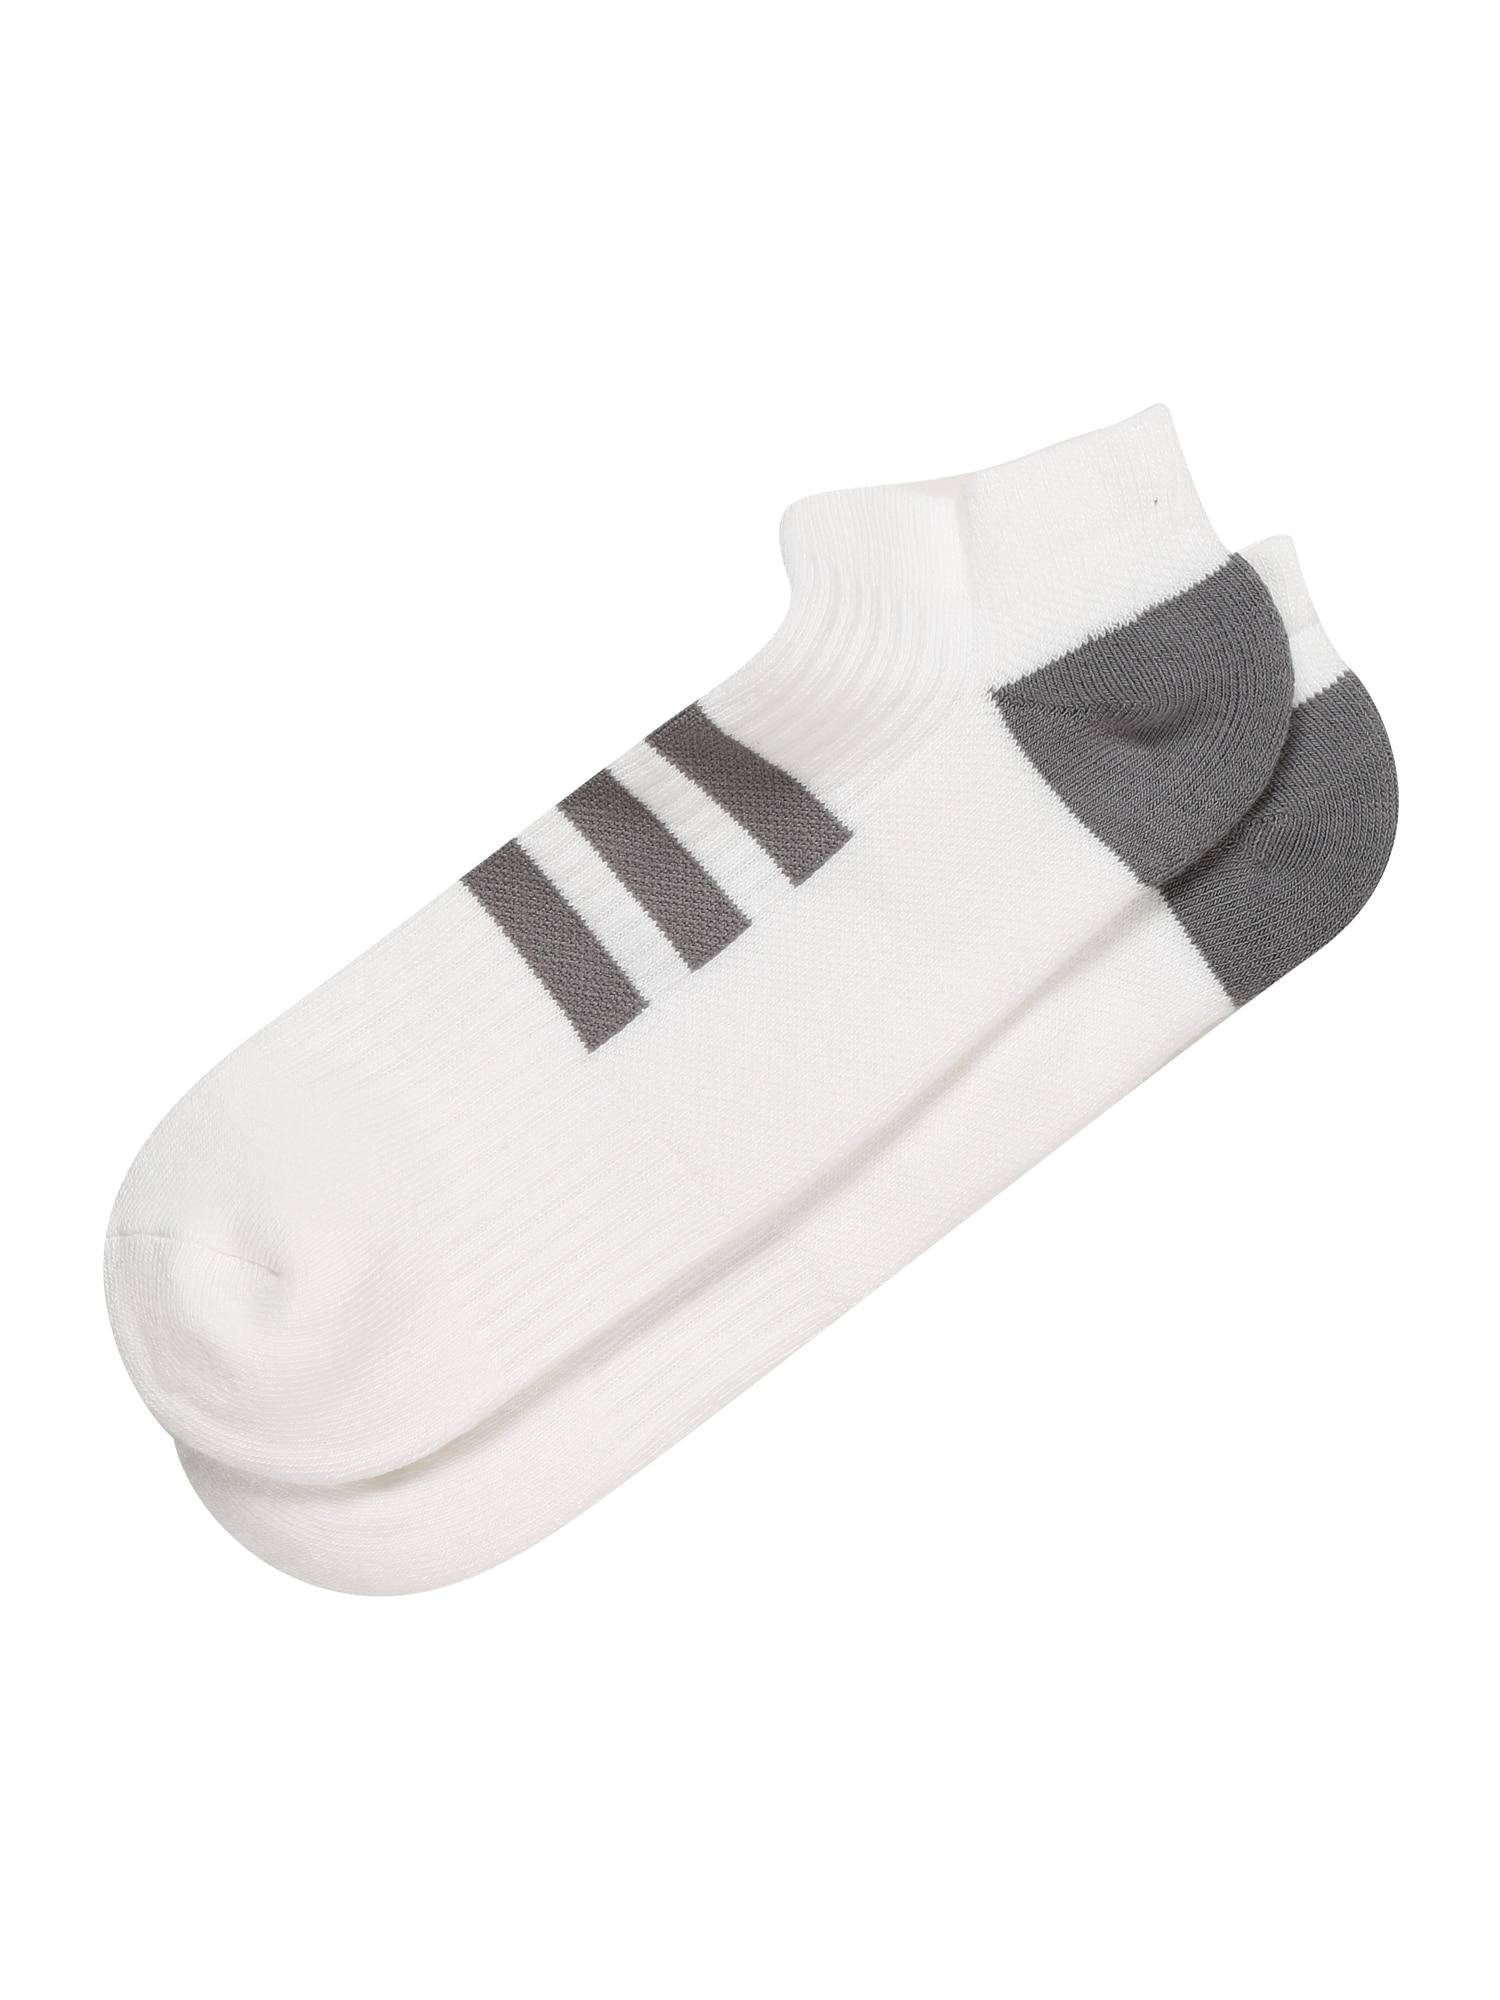 adidas Golf Sportinės kojinės pilka / balta